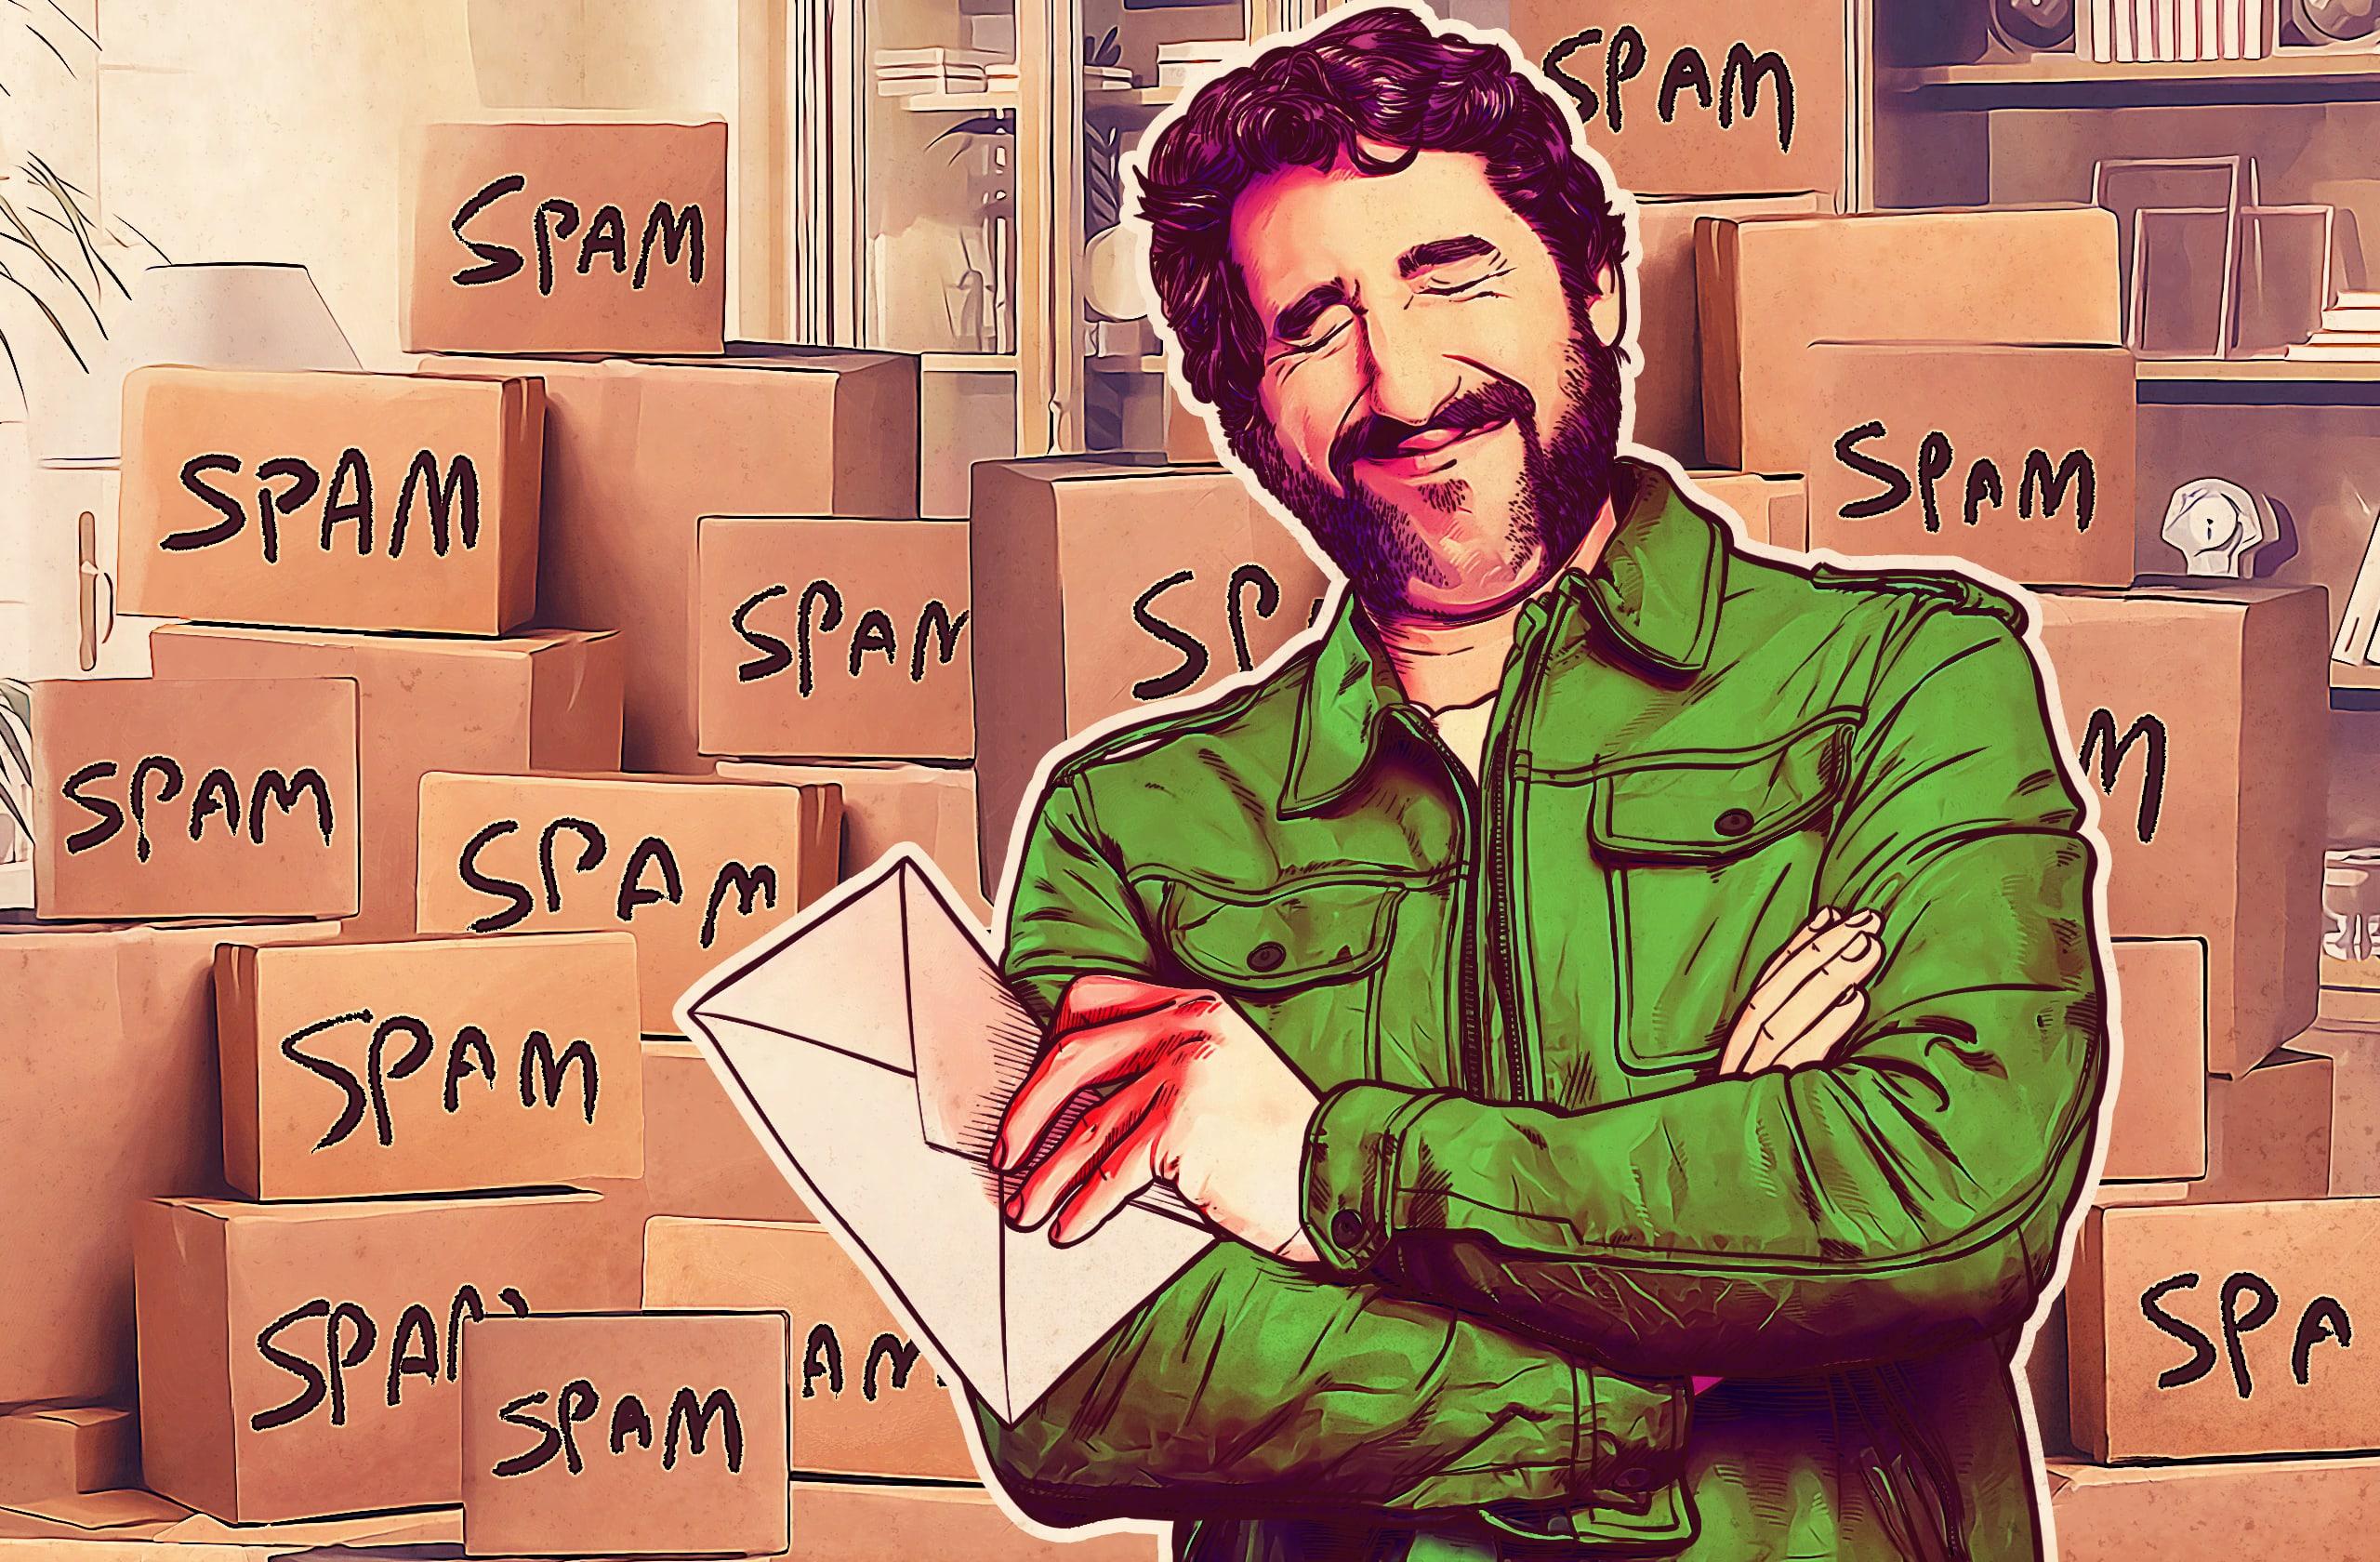 spam para reirse